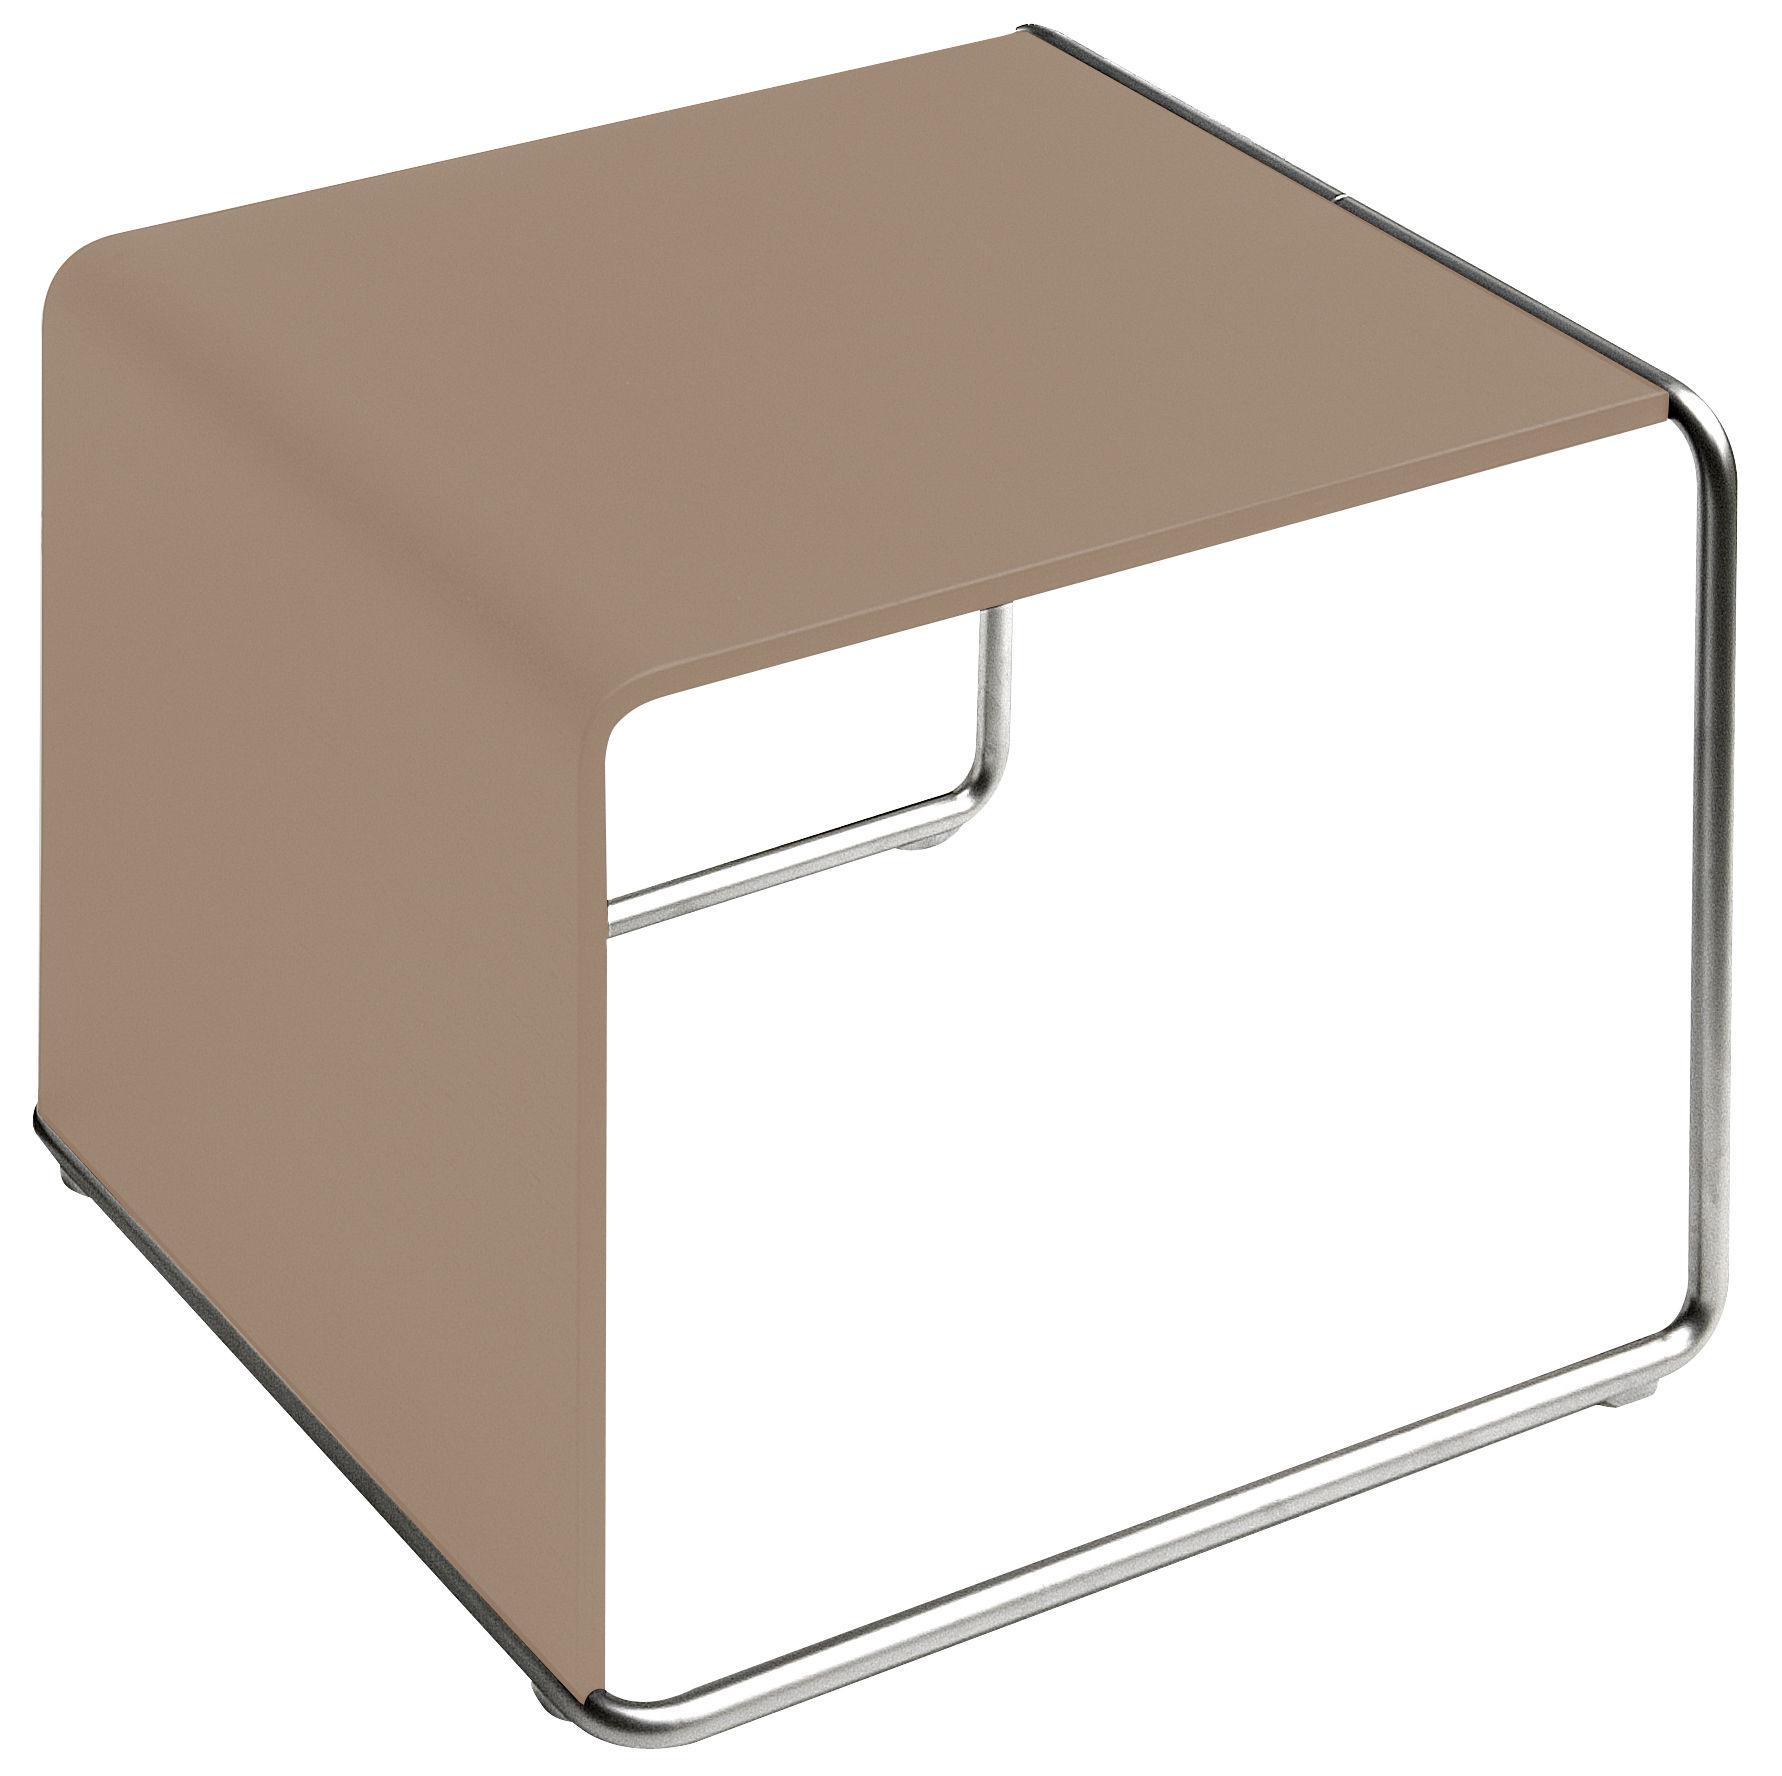 Möbel - Couchtische - Ueno Beistelltisch - Lapalma - Gebleichte Eiche - gebleichte Eiche, mattierter rostfreier Stahl